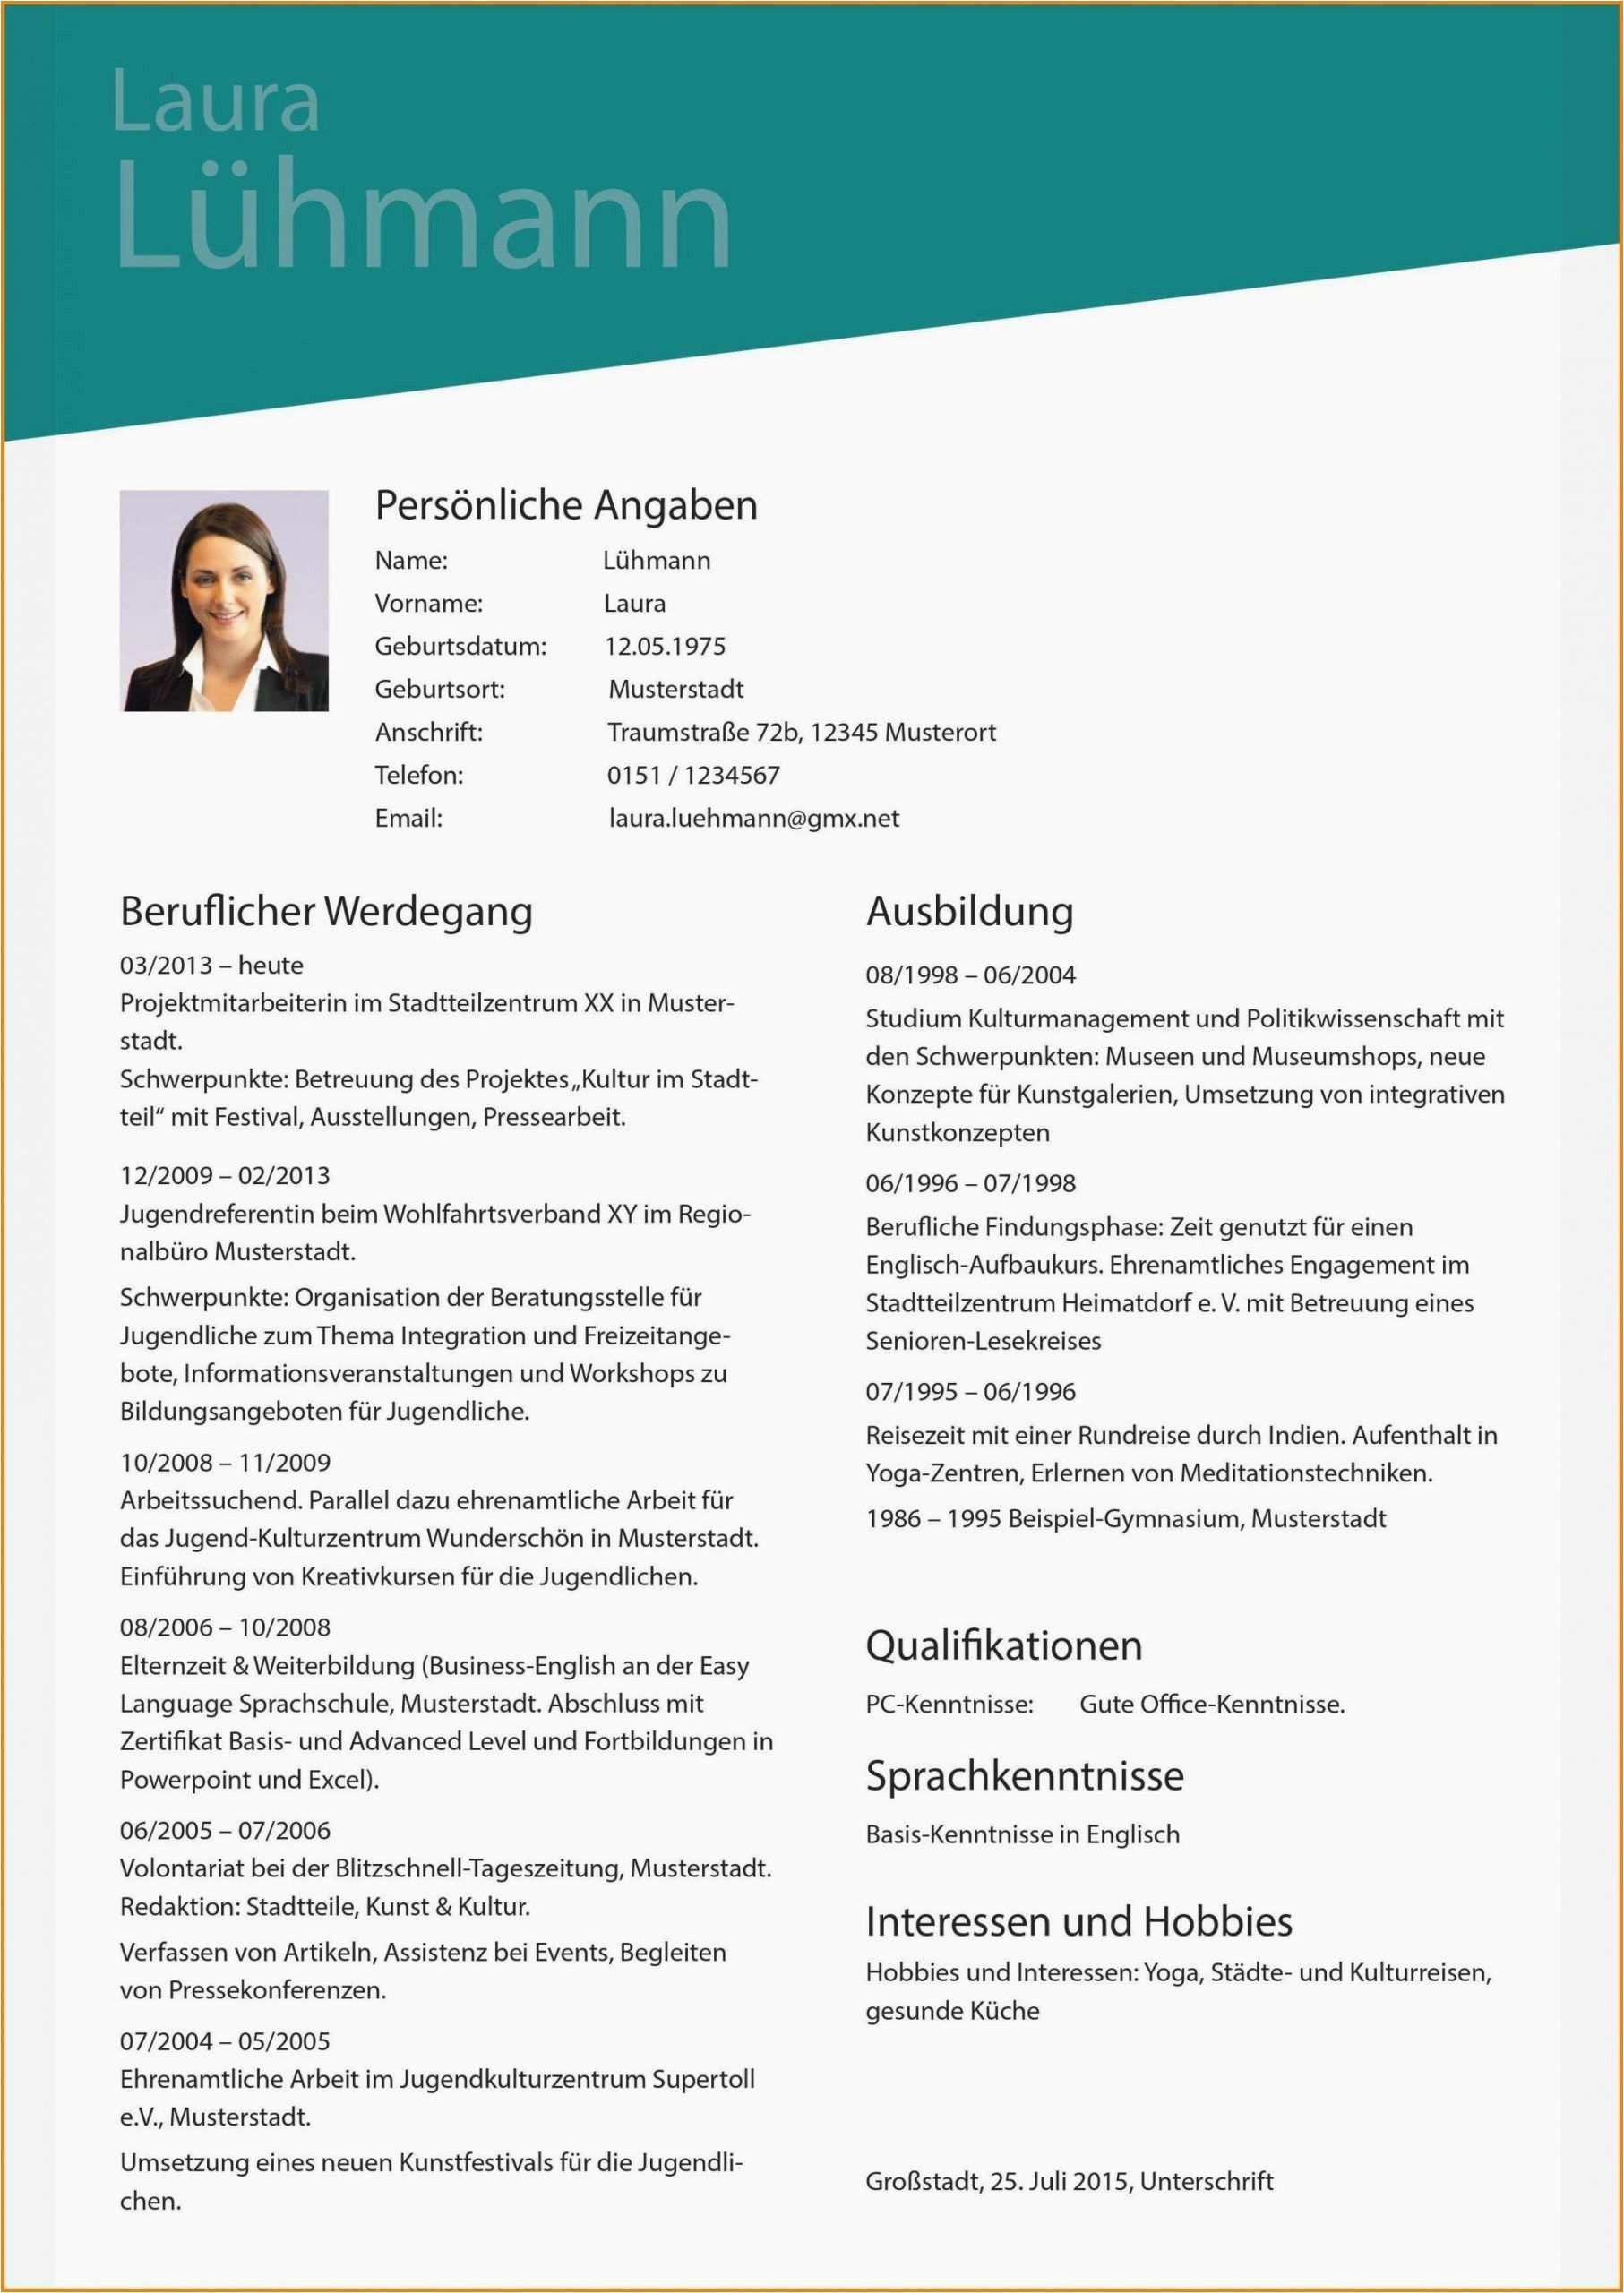 Cv Englisch Jurist In 2020 Vorlagen Lebenslauf Lebenslauf Beruflicher Werdegang